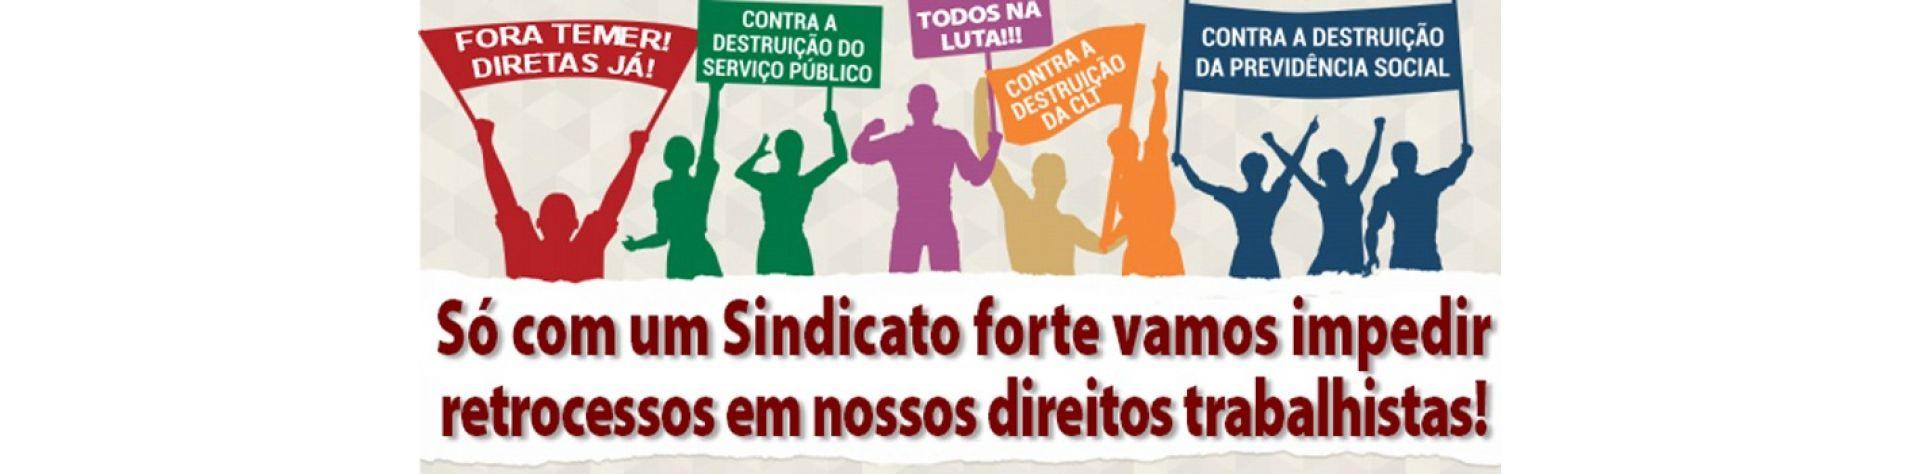 Só com um Sindicato forte vamos impedir retrocessos em nossos direitos trabalhistas